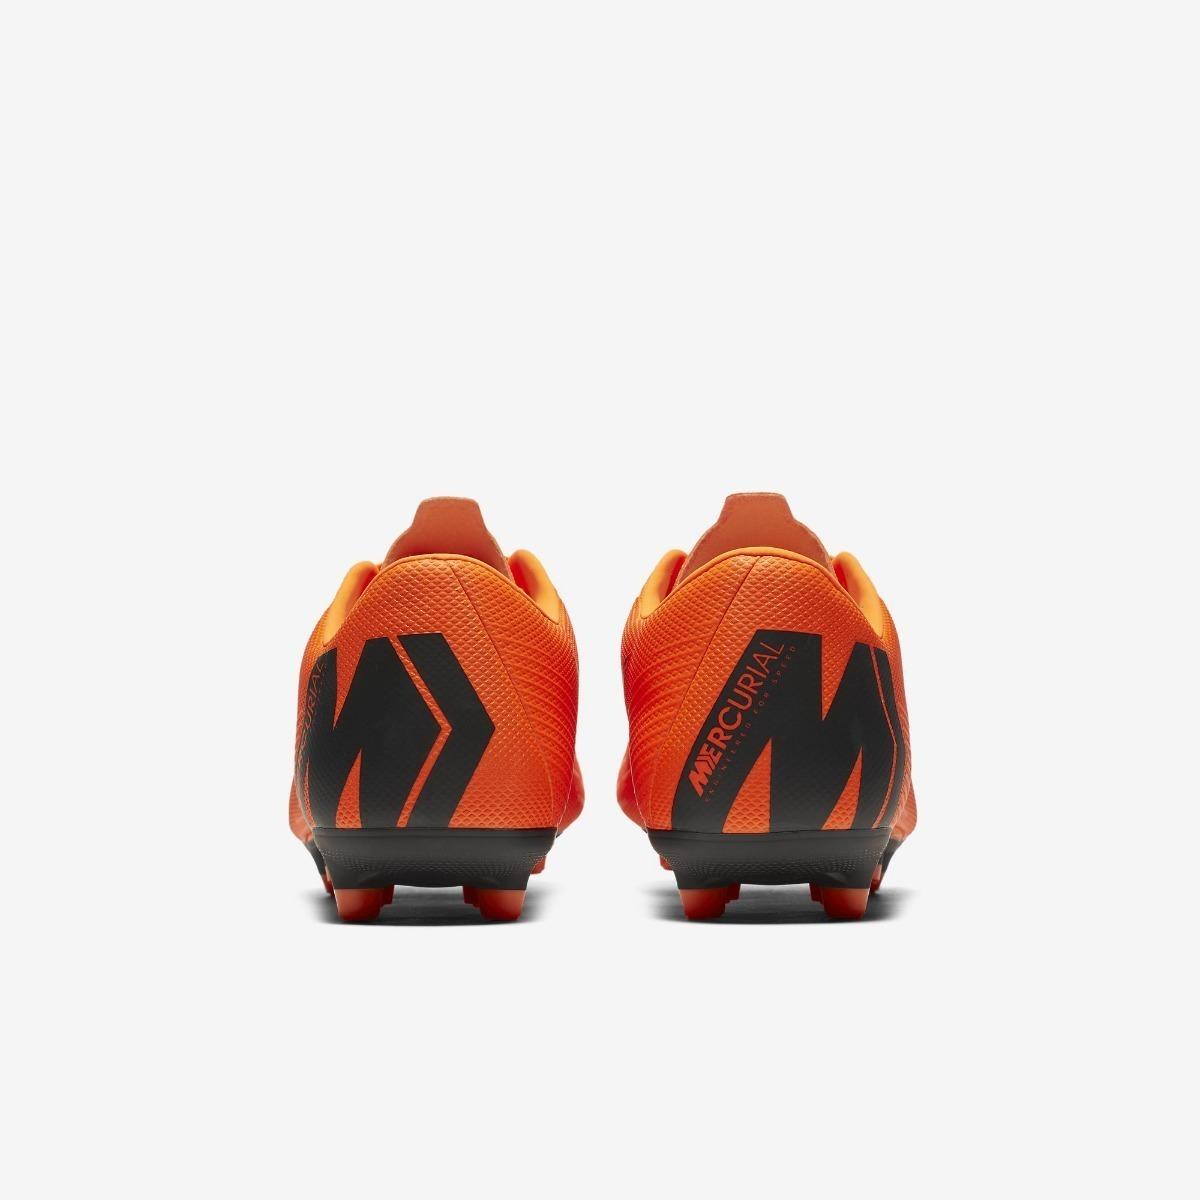 c61de50a58 Chuteira Nike Mercurial Vapor 12 Academy Mg Campo - Laranja - R  249 ...